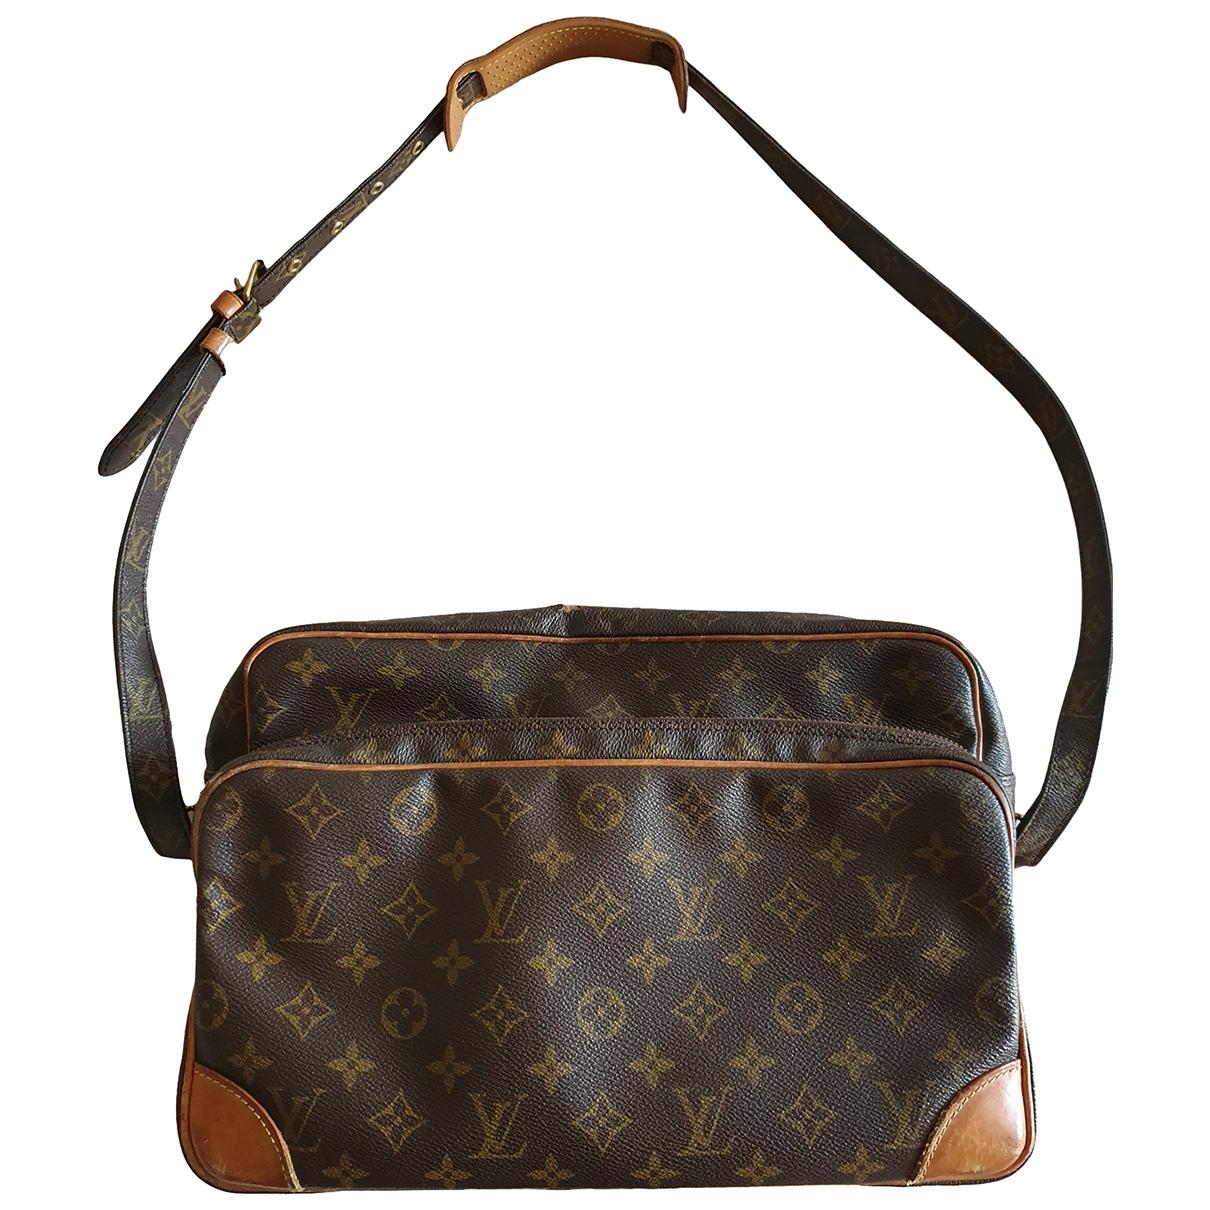 Louis Vuitton Trocadero Handtasche in Leinen